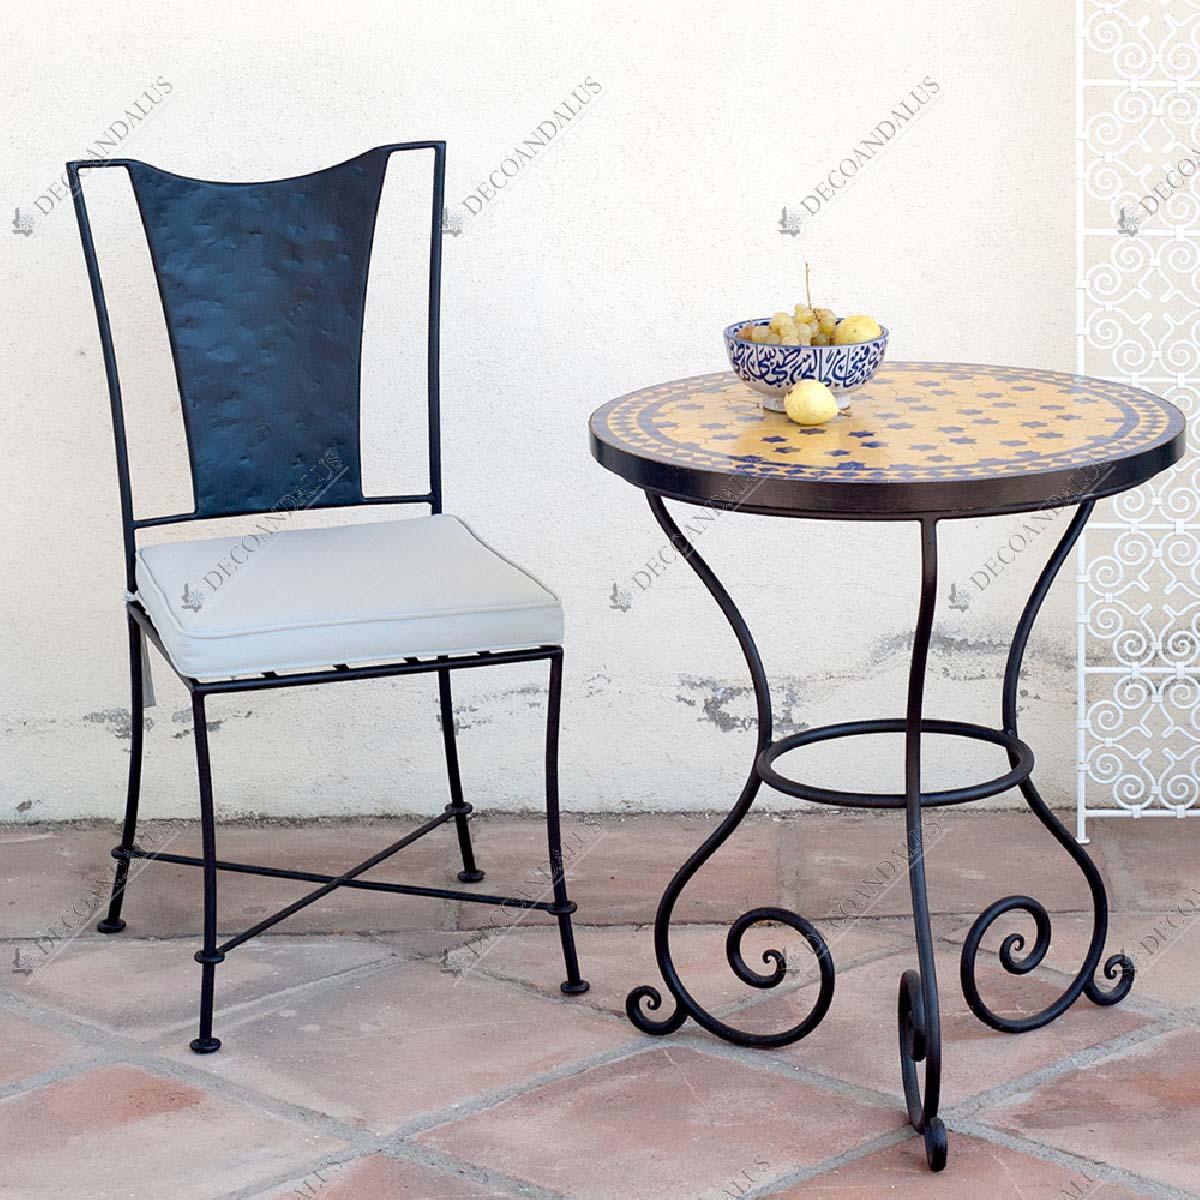 Chair 18.2